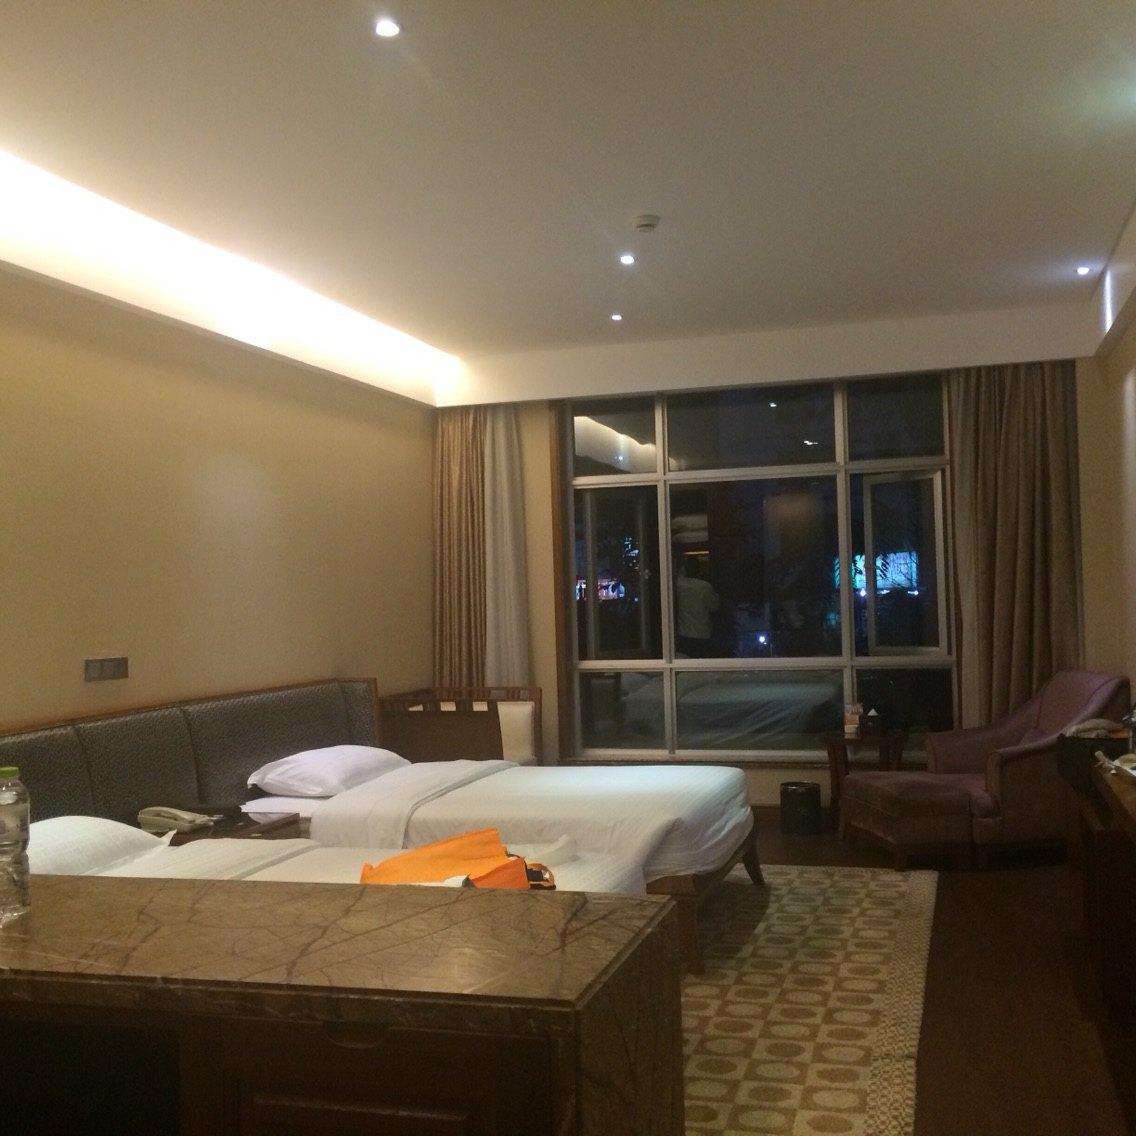 背景墙 房间 家居 酒店 起居室 设计 卧室 卧室装修 现代 装修 1136